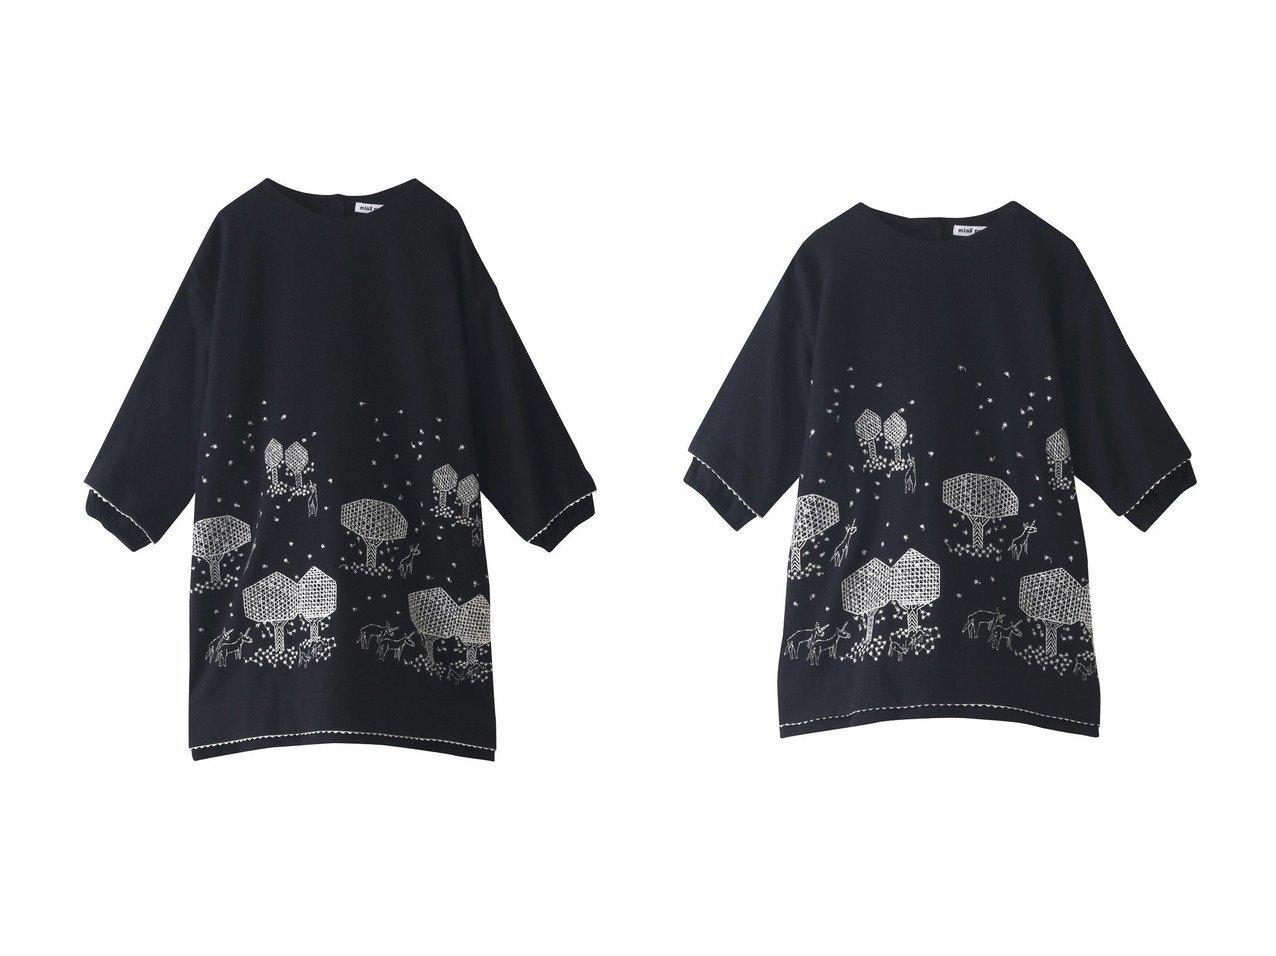 【mina perhonen / KIDS/ミナ ペルホネン】の【KIDS】mori no hoshi ワンピース&【Baby】mori no hoshi ワンピース 【KIDS】子供服のおすすめ!人気トレンド・キッズファッションの通販 おすすめで人気の流行・トレンド、ファッションの通販商品 インテリア・家具・メンズファッション・キッズファッション・レディースファッション・服の通販 founy(ファニー) https://founy.com/ ファッション Fashion キッズファッション KIDS ワンピース Dress/Kids トップス・カットソー Tops/Tees/Kids おすすめ Recommend レギンス  ID:crp329100000072280